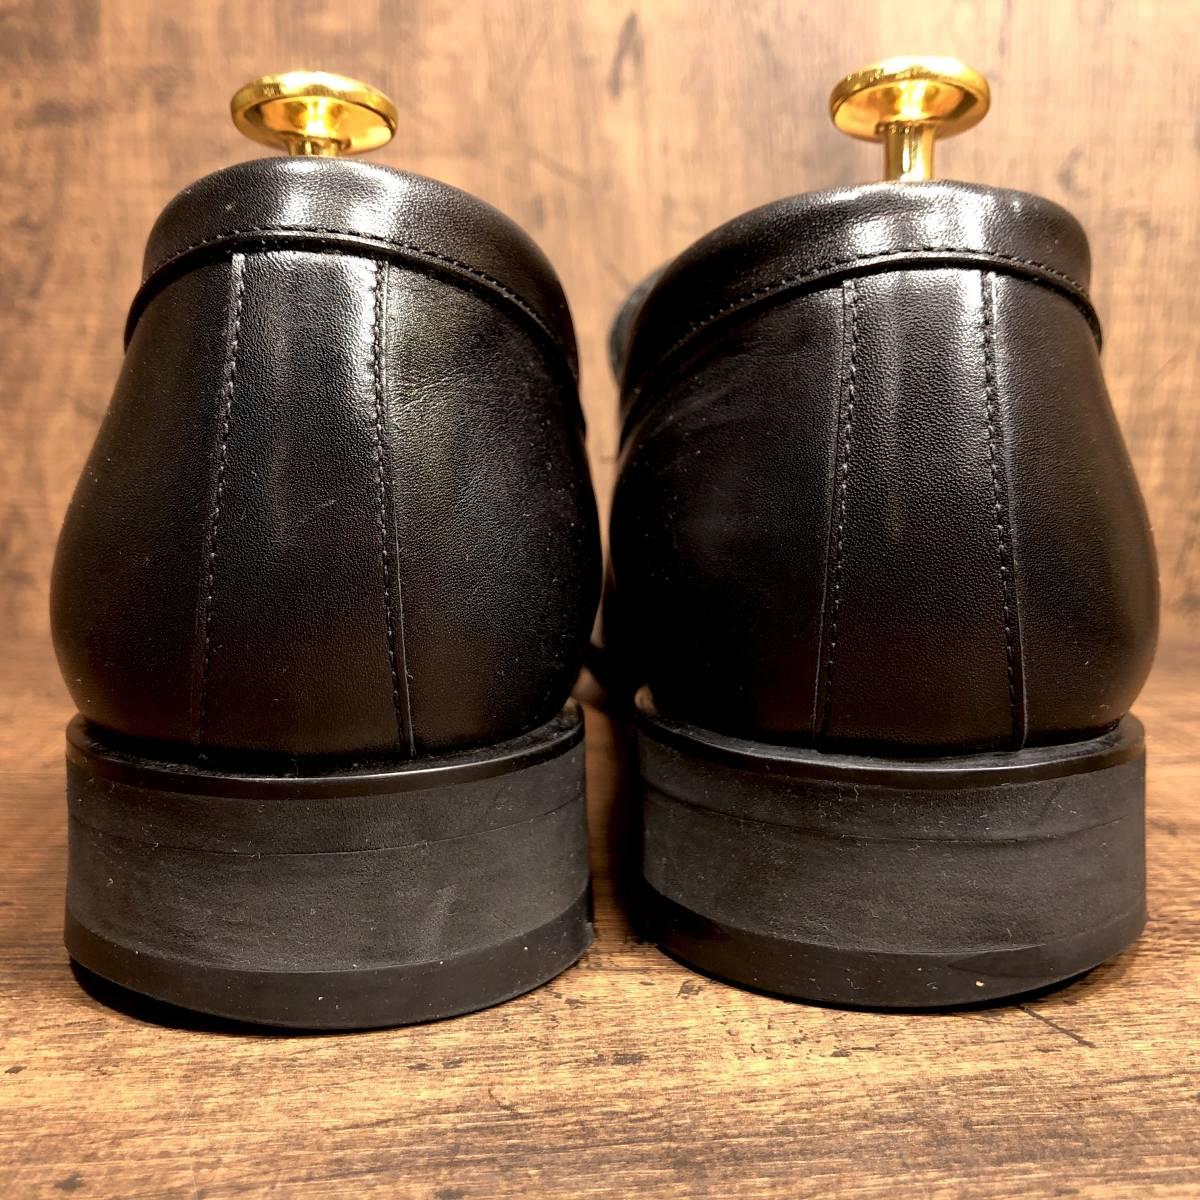 ■REGAL GORE-TEX■ 26.5cm 黒 ブラック リーガル ビットローファー ゴアテックス メンズ 革靴 靴 本革 ビジネス ドレス くつ 即決_画像2